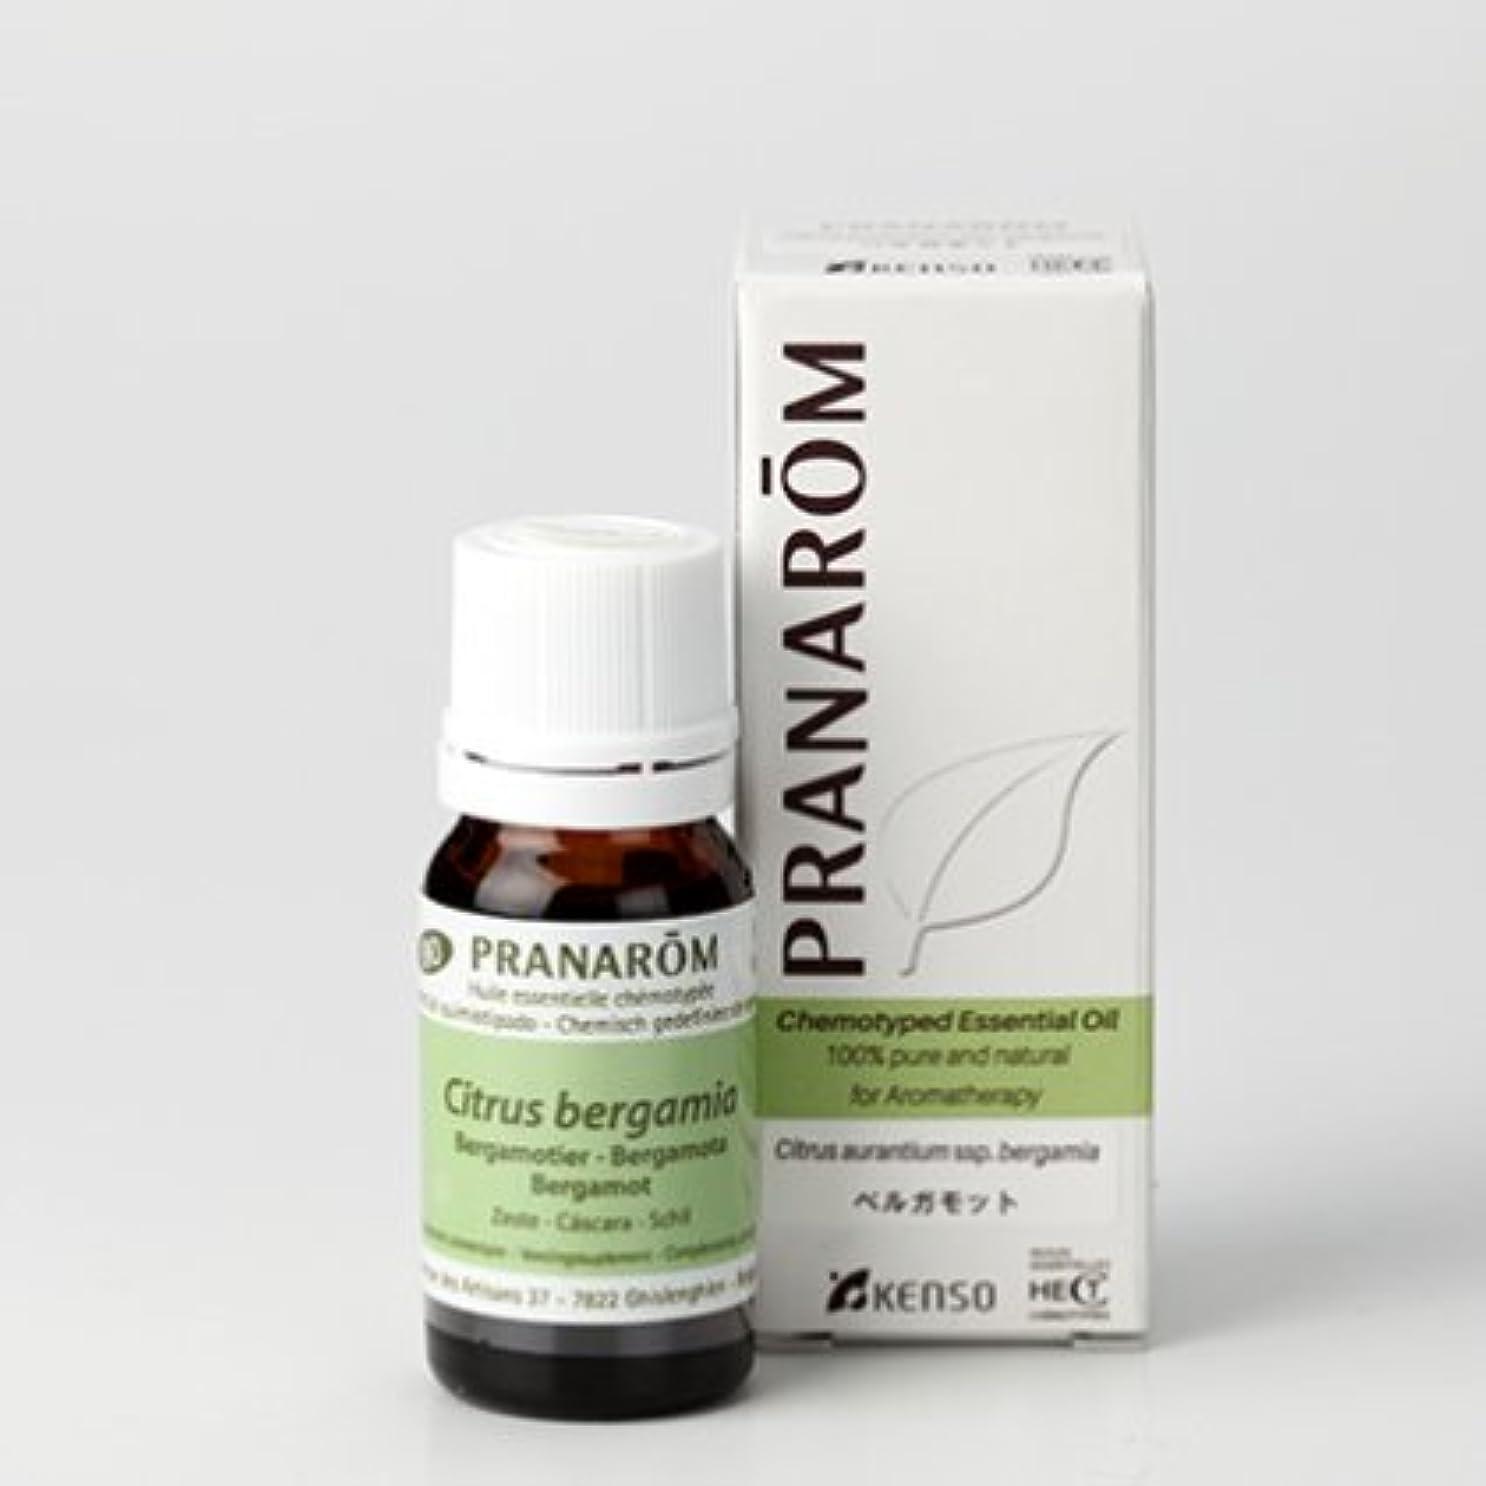 治療結果素晴らしきベルガモット 10mlトップノート プラナロム社エッセンシャルオイル(精油)